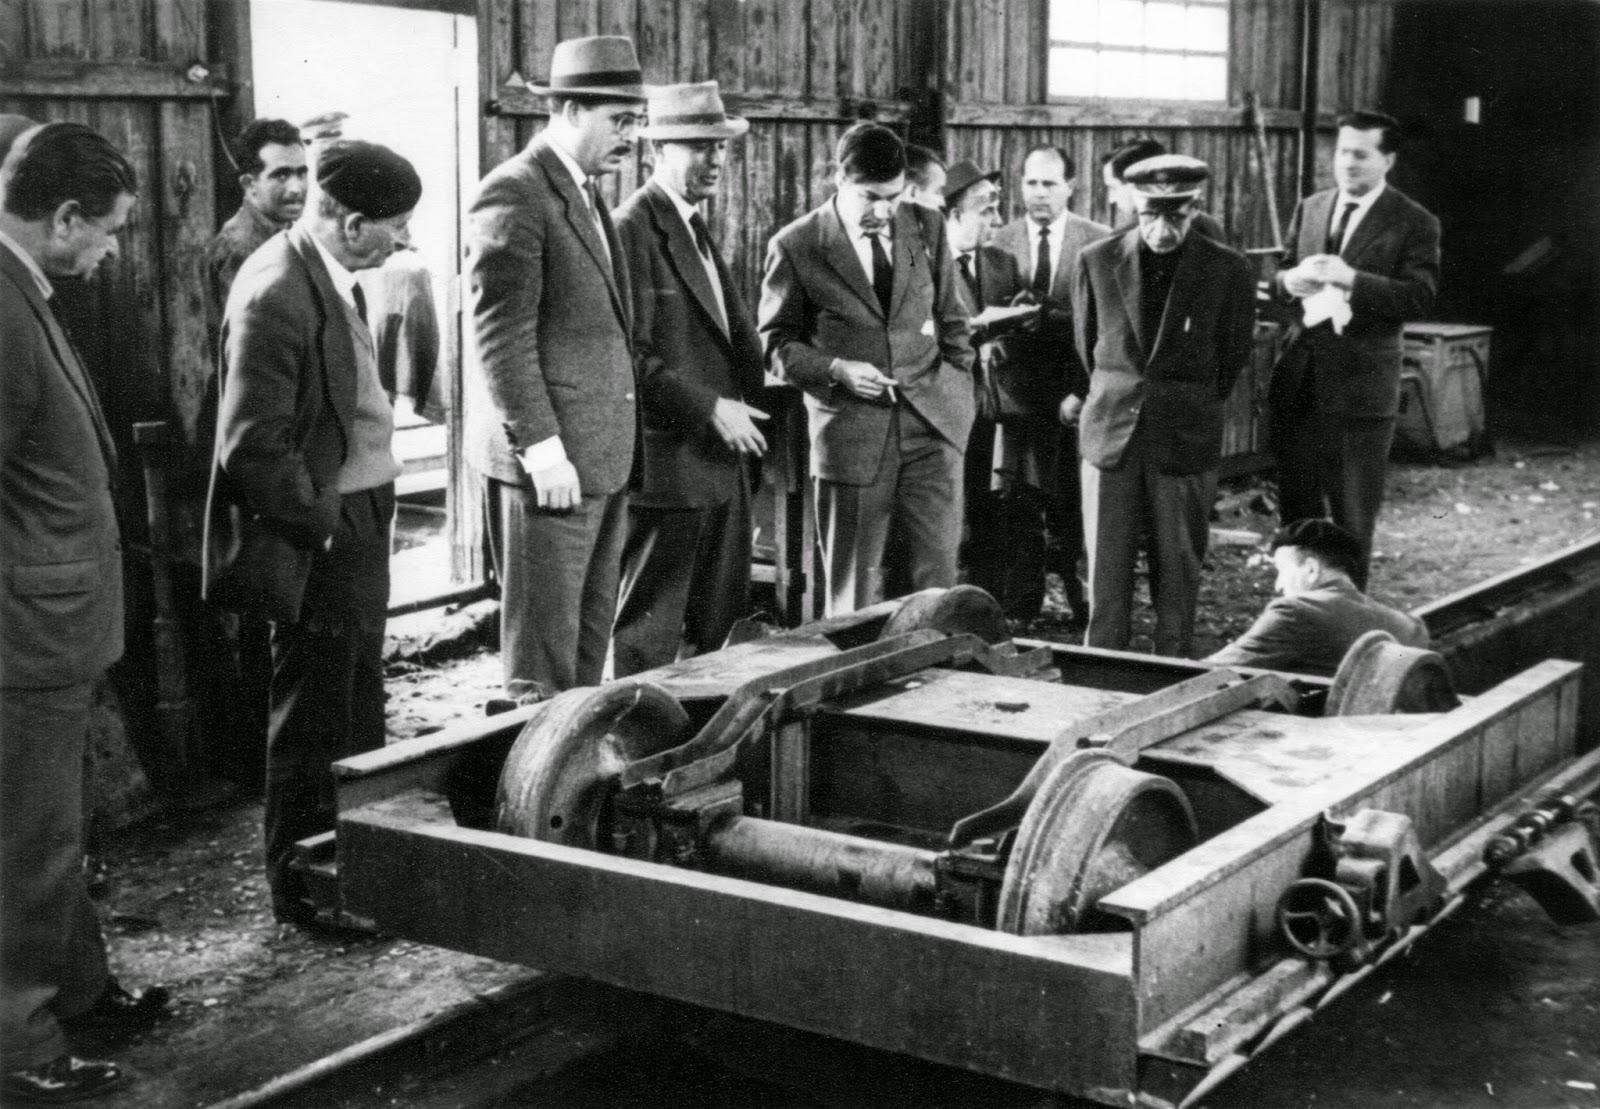 Historias del tren v a ancha sobre v a estrecha - Vigas de tren ...